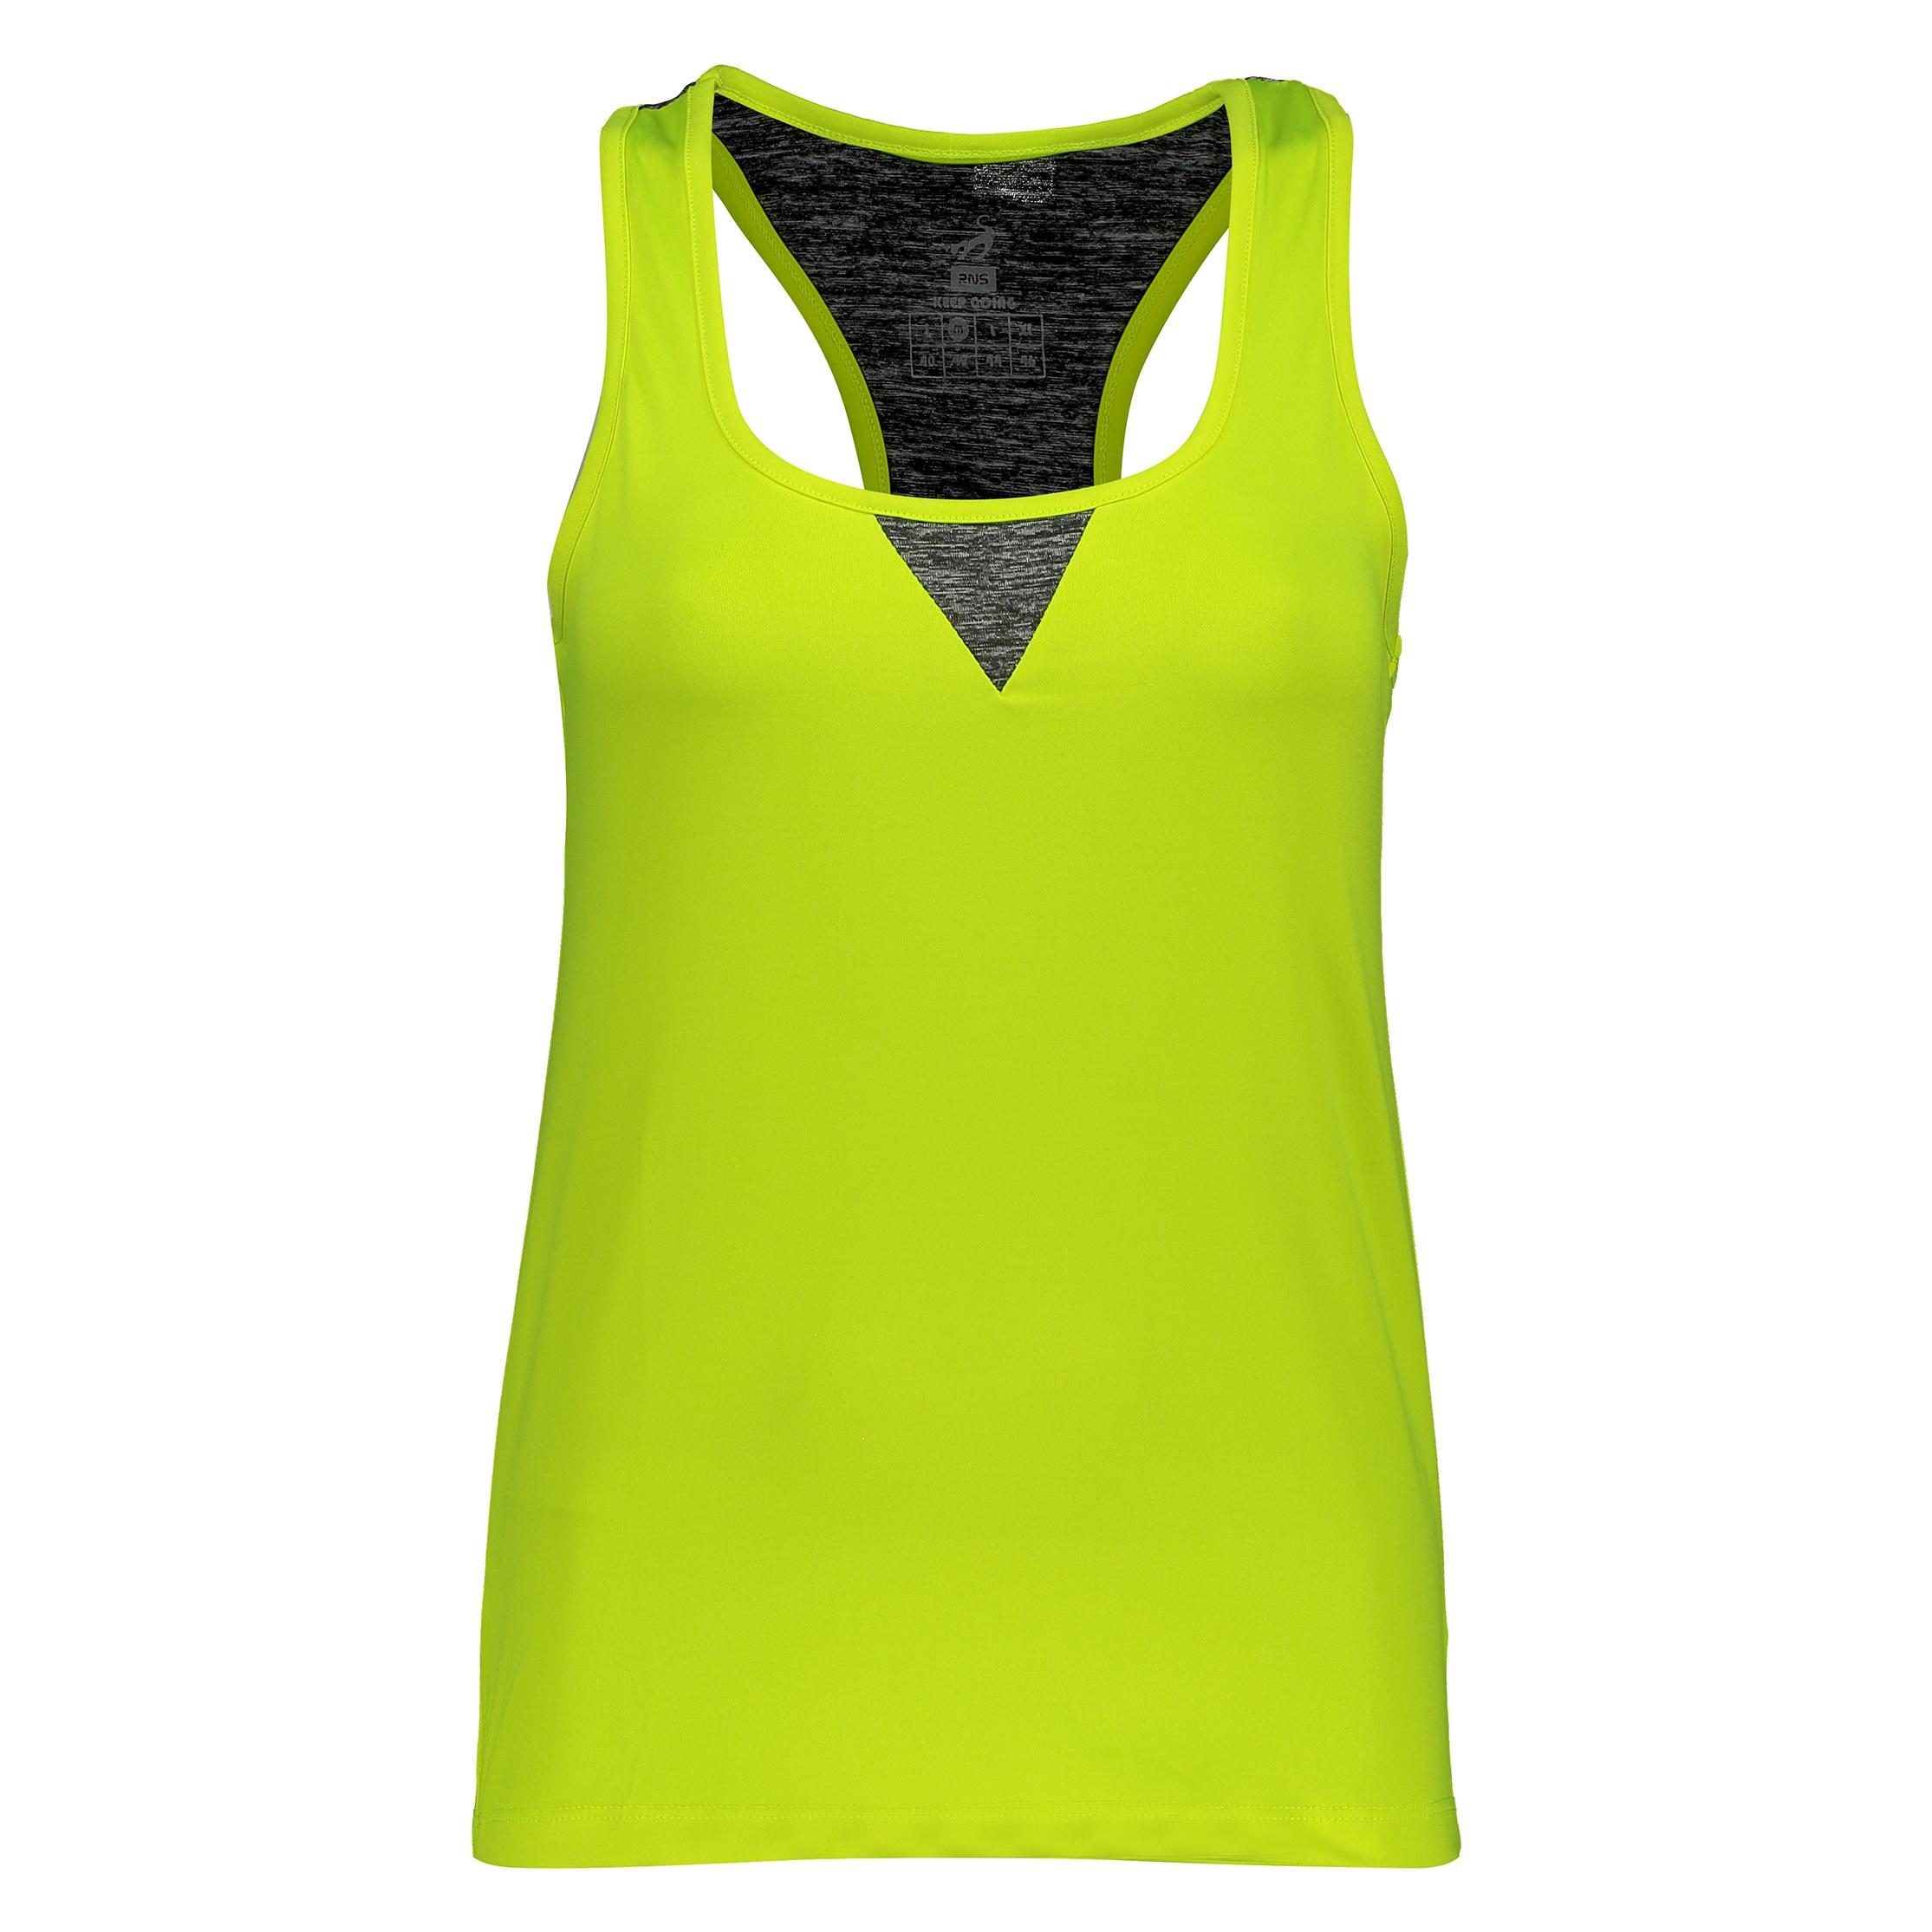 تاپ ورزشی زنانه آر ان اس مدل 1101104-16